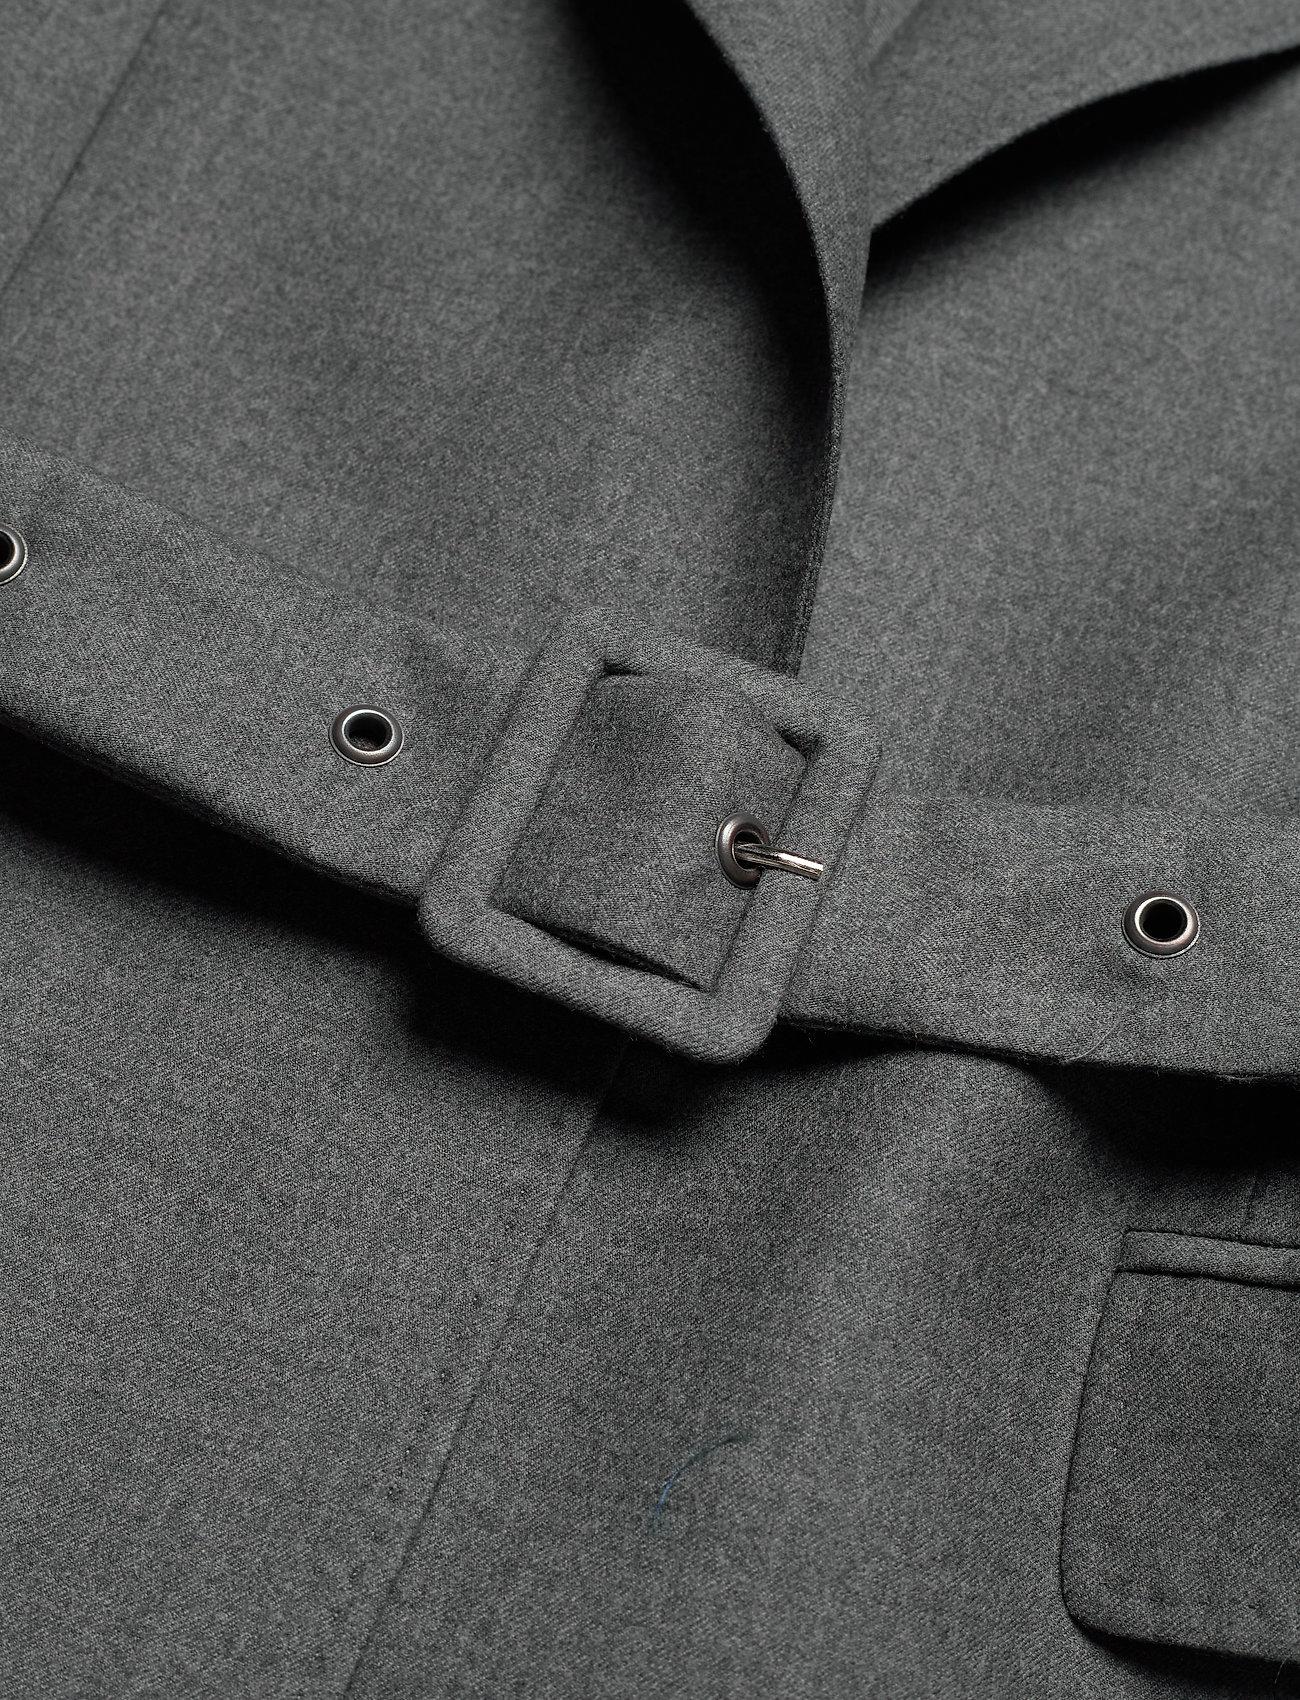 1698 - Ivy Belt 1/2 (Grey) (449 €) - SAND wszkl